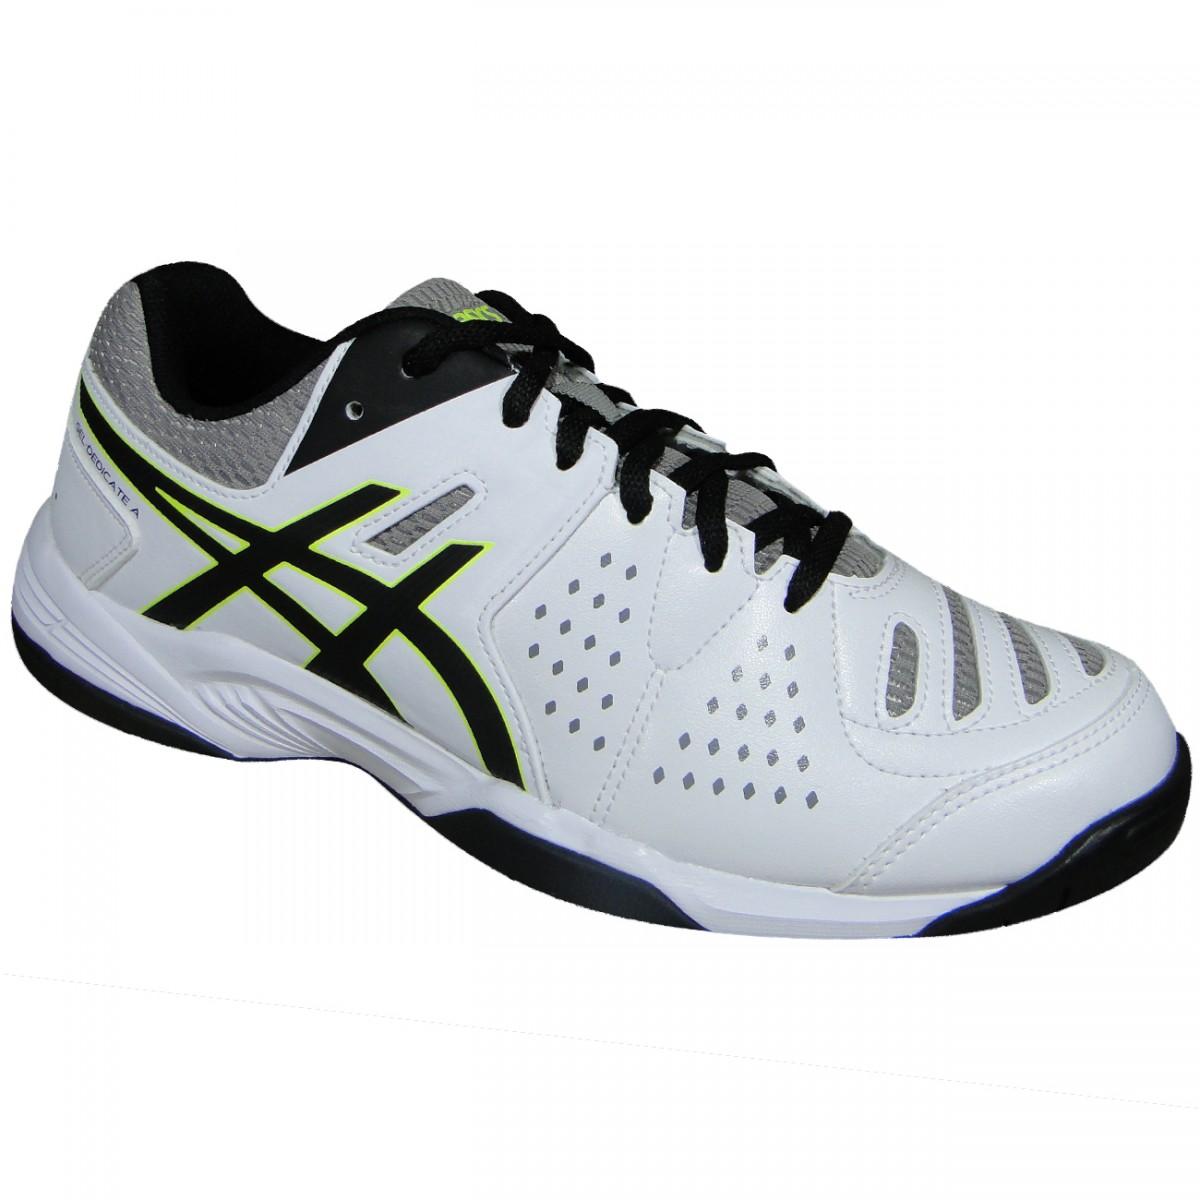 bdf0dbb61 Tenis Asics Gel-Dedicate 4 T002B 0190 - Branco Preto Limão - Chuteira Nike